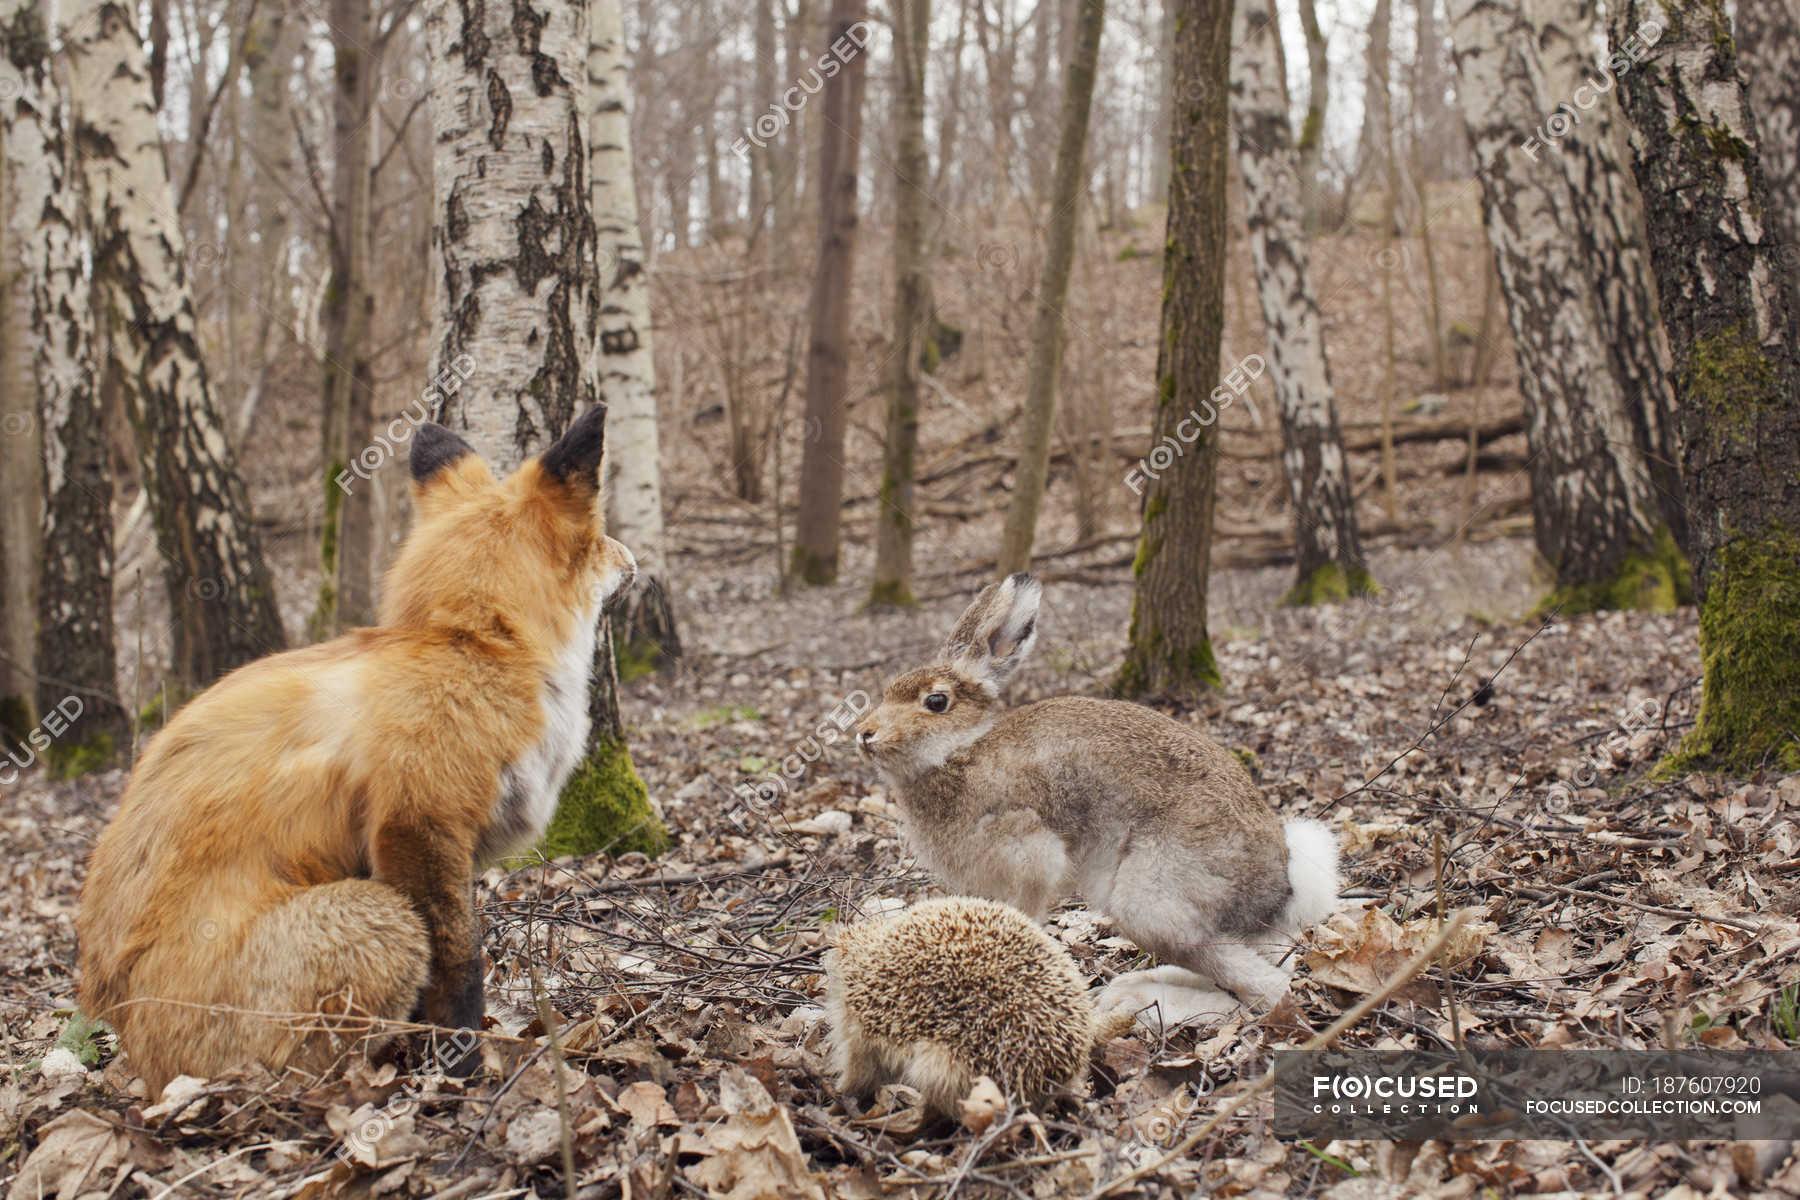 картинка лиса и кролик в лесу нарост